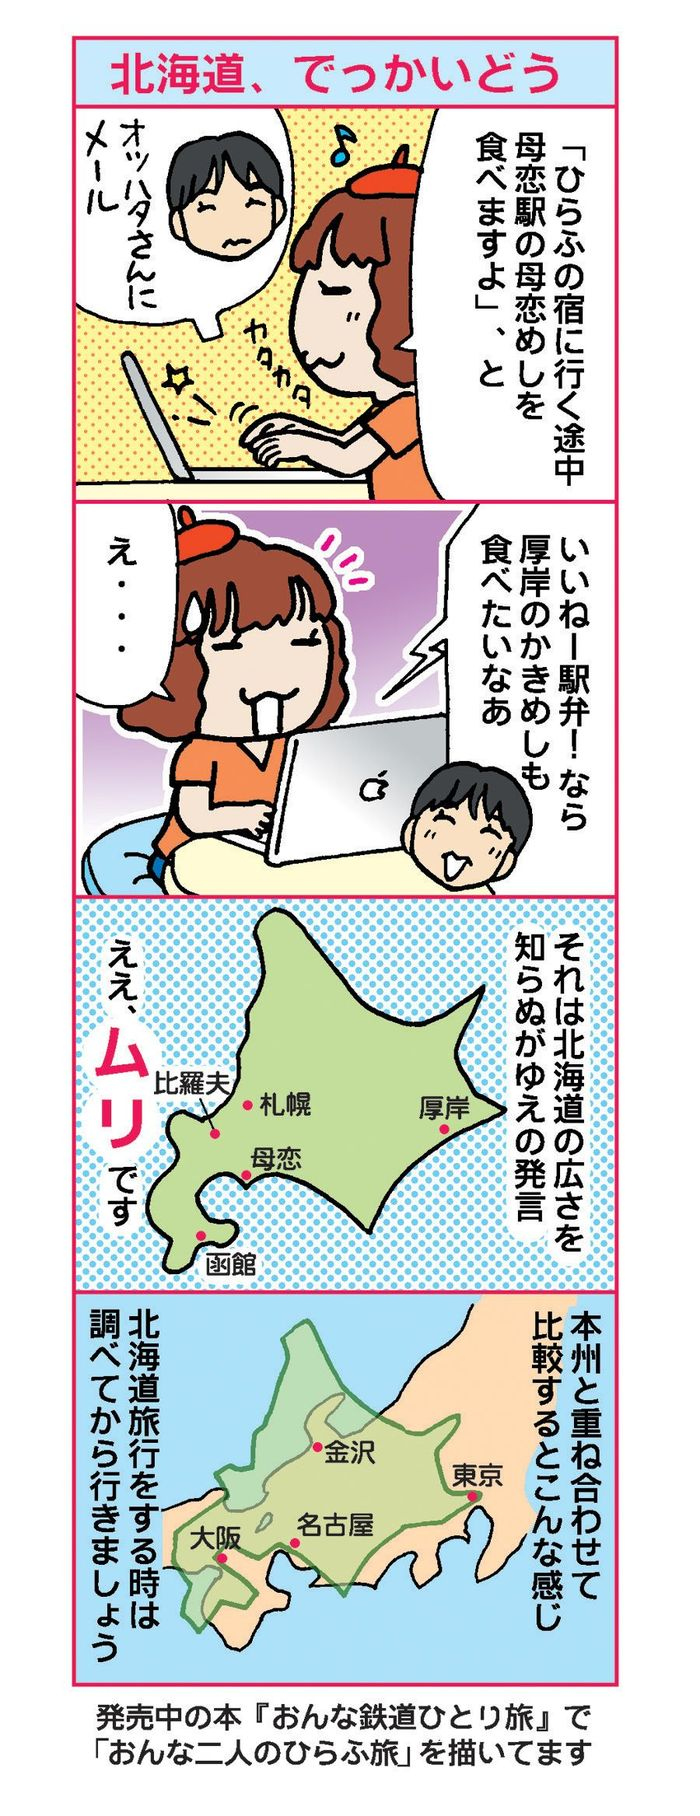 駅 漫画 無人